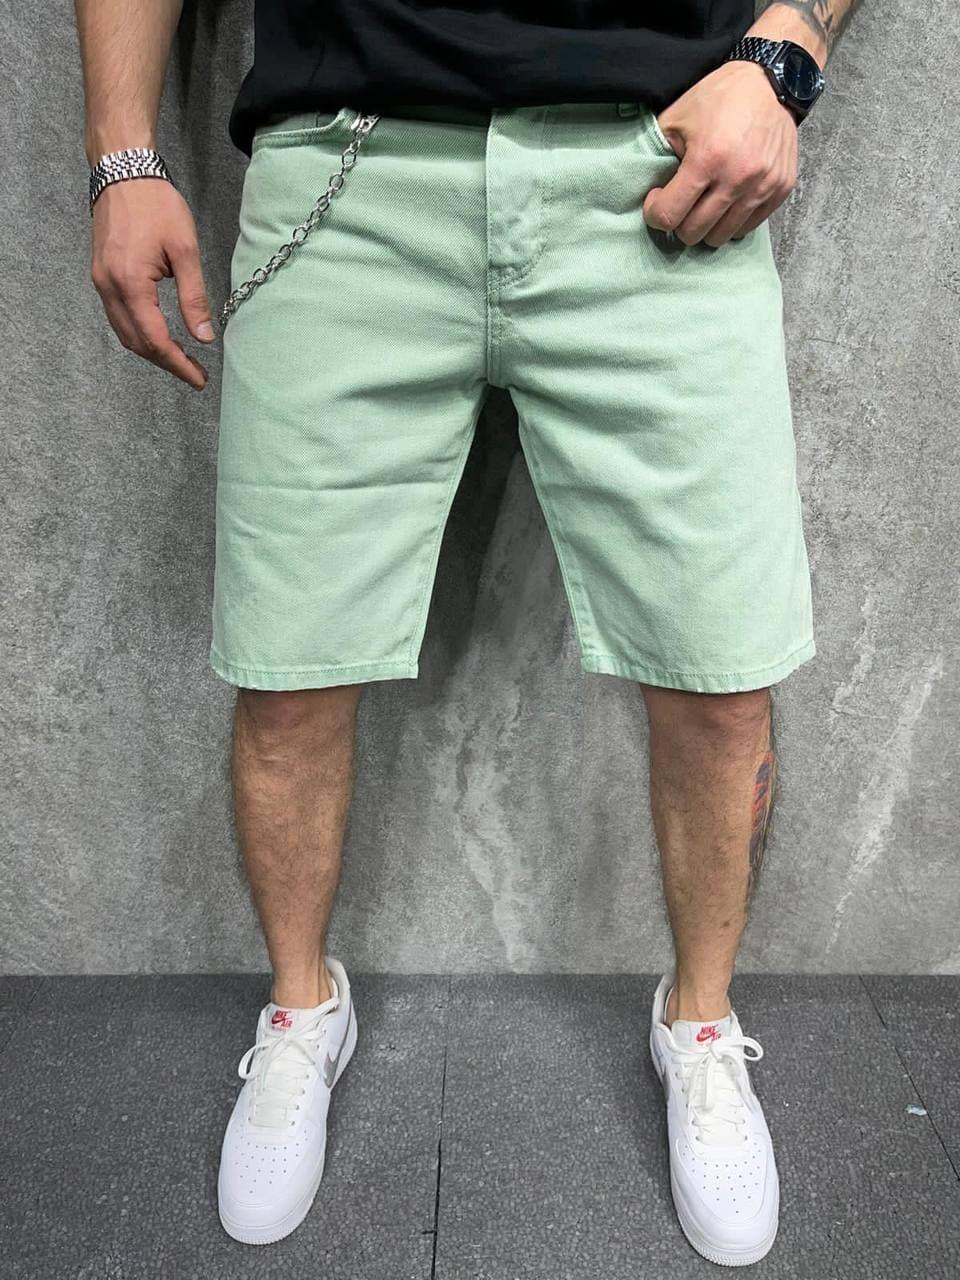 Мужские джинсовые шорты Over (зеленые) широкие свободные бриджи A6381